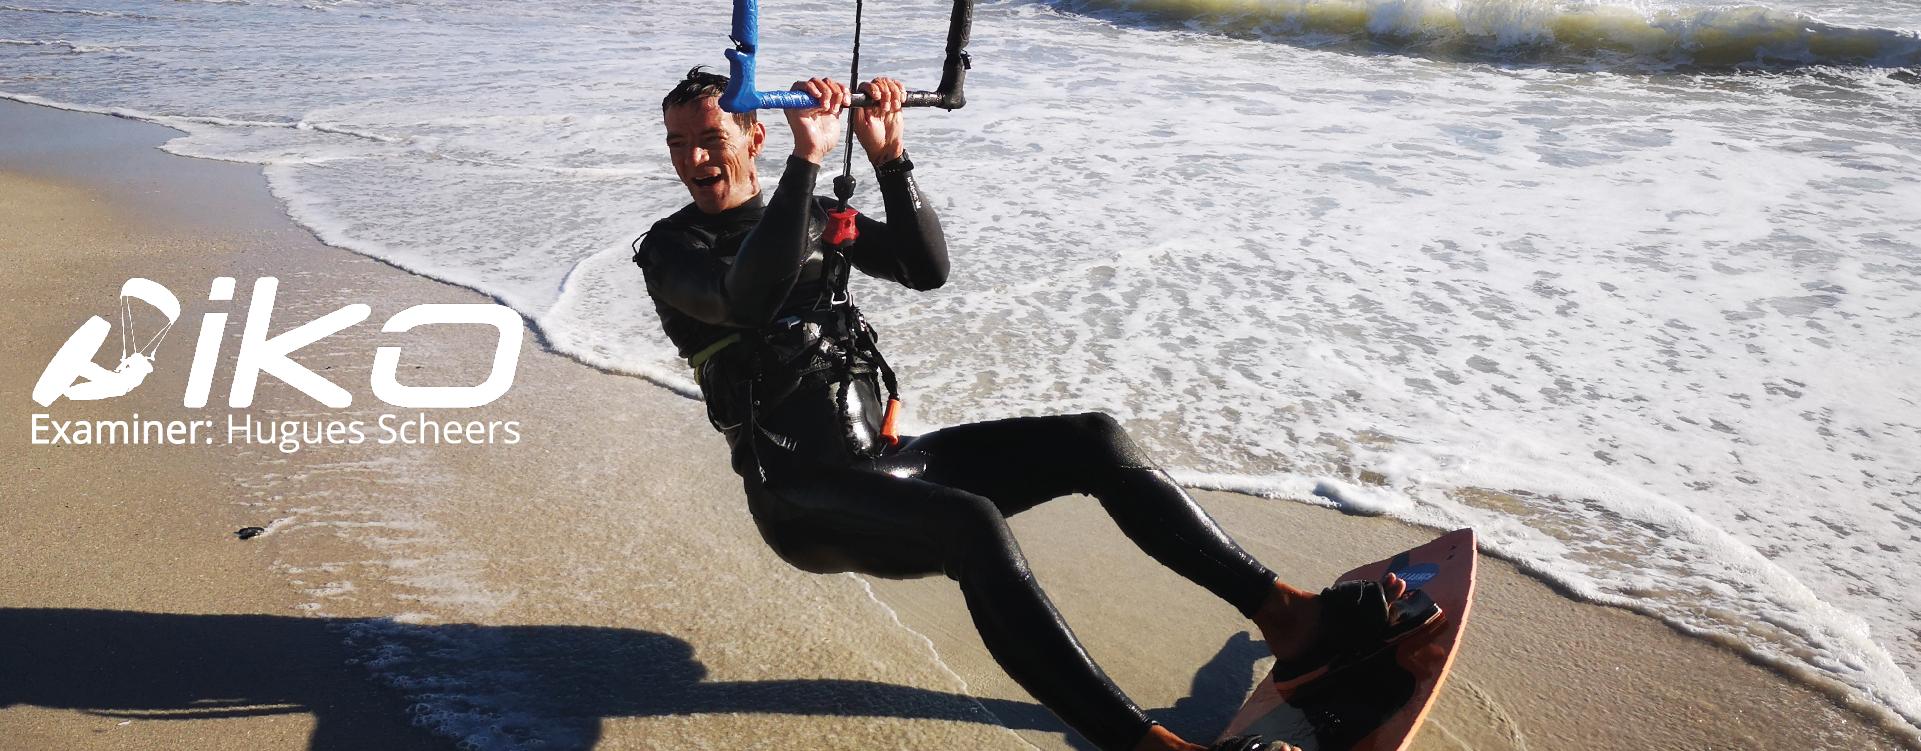 iko-examiner-kitesurf-instructor-hugues-scheers